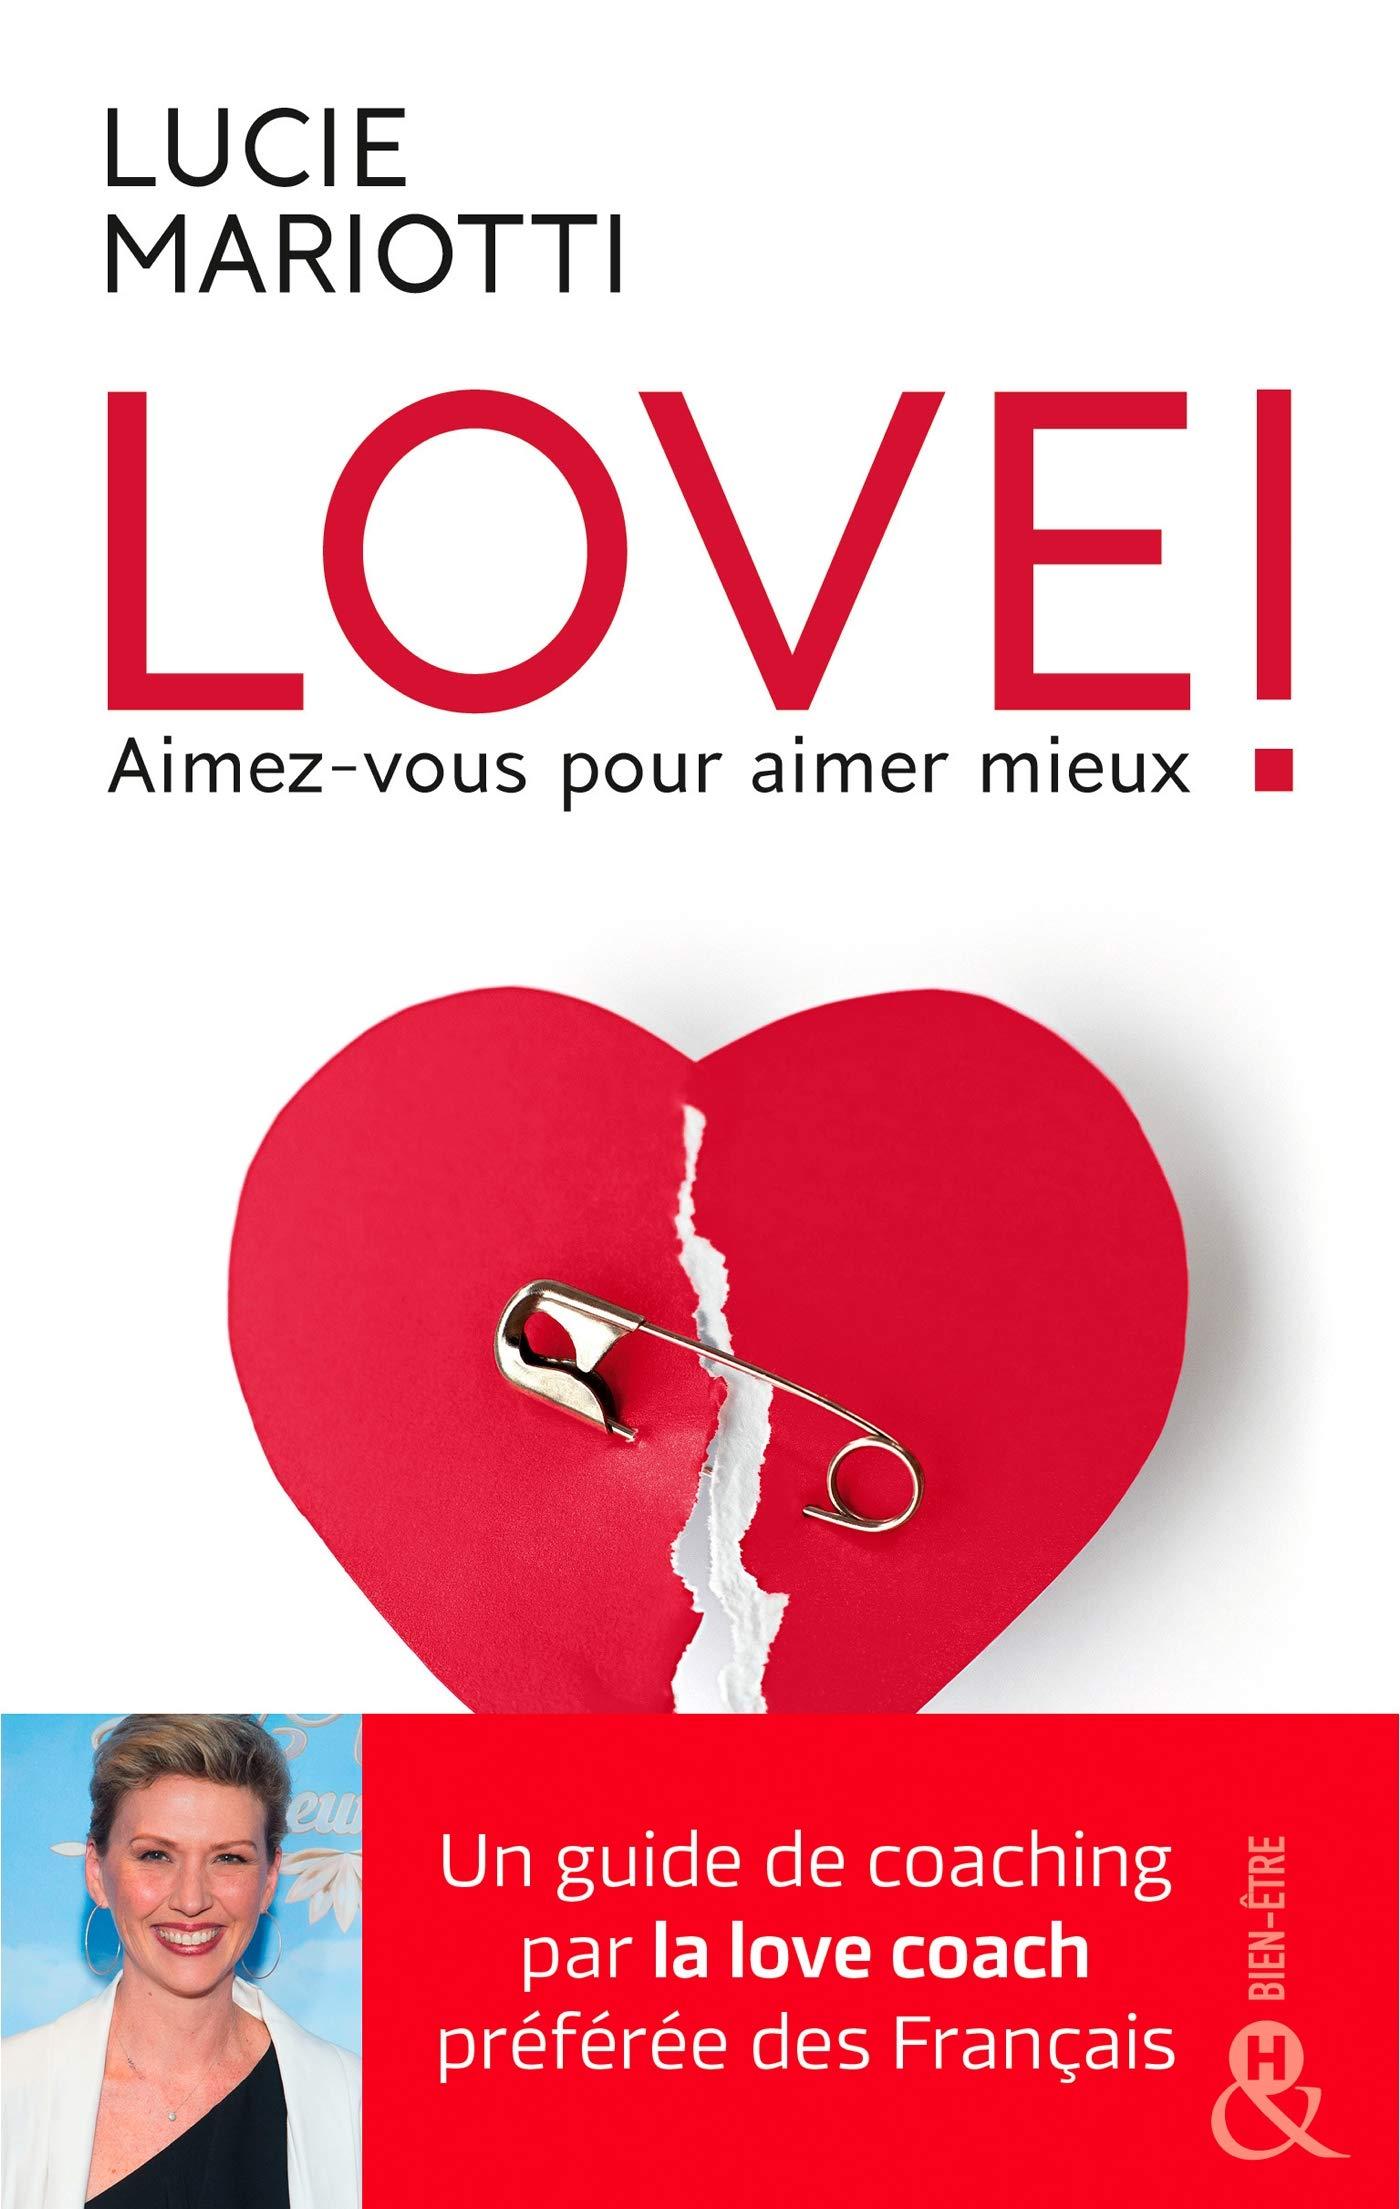 LOVE ! Aimez-vous pour aimer mieux: Le guide de coaching amoureux par la love coach TV préférée des français por Lucie Mariotti